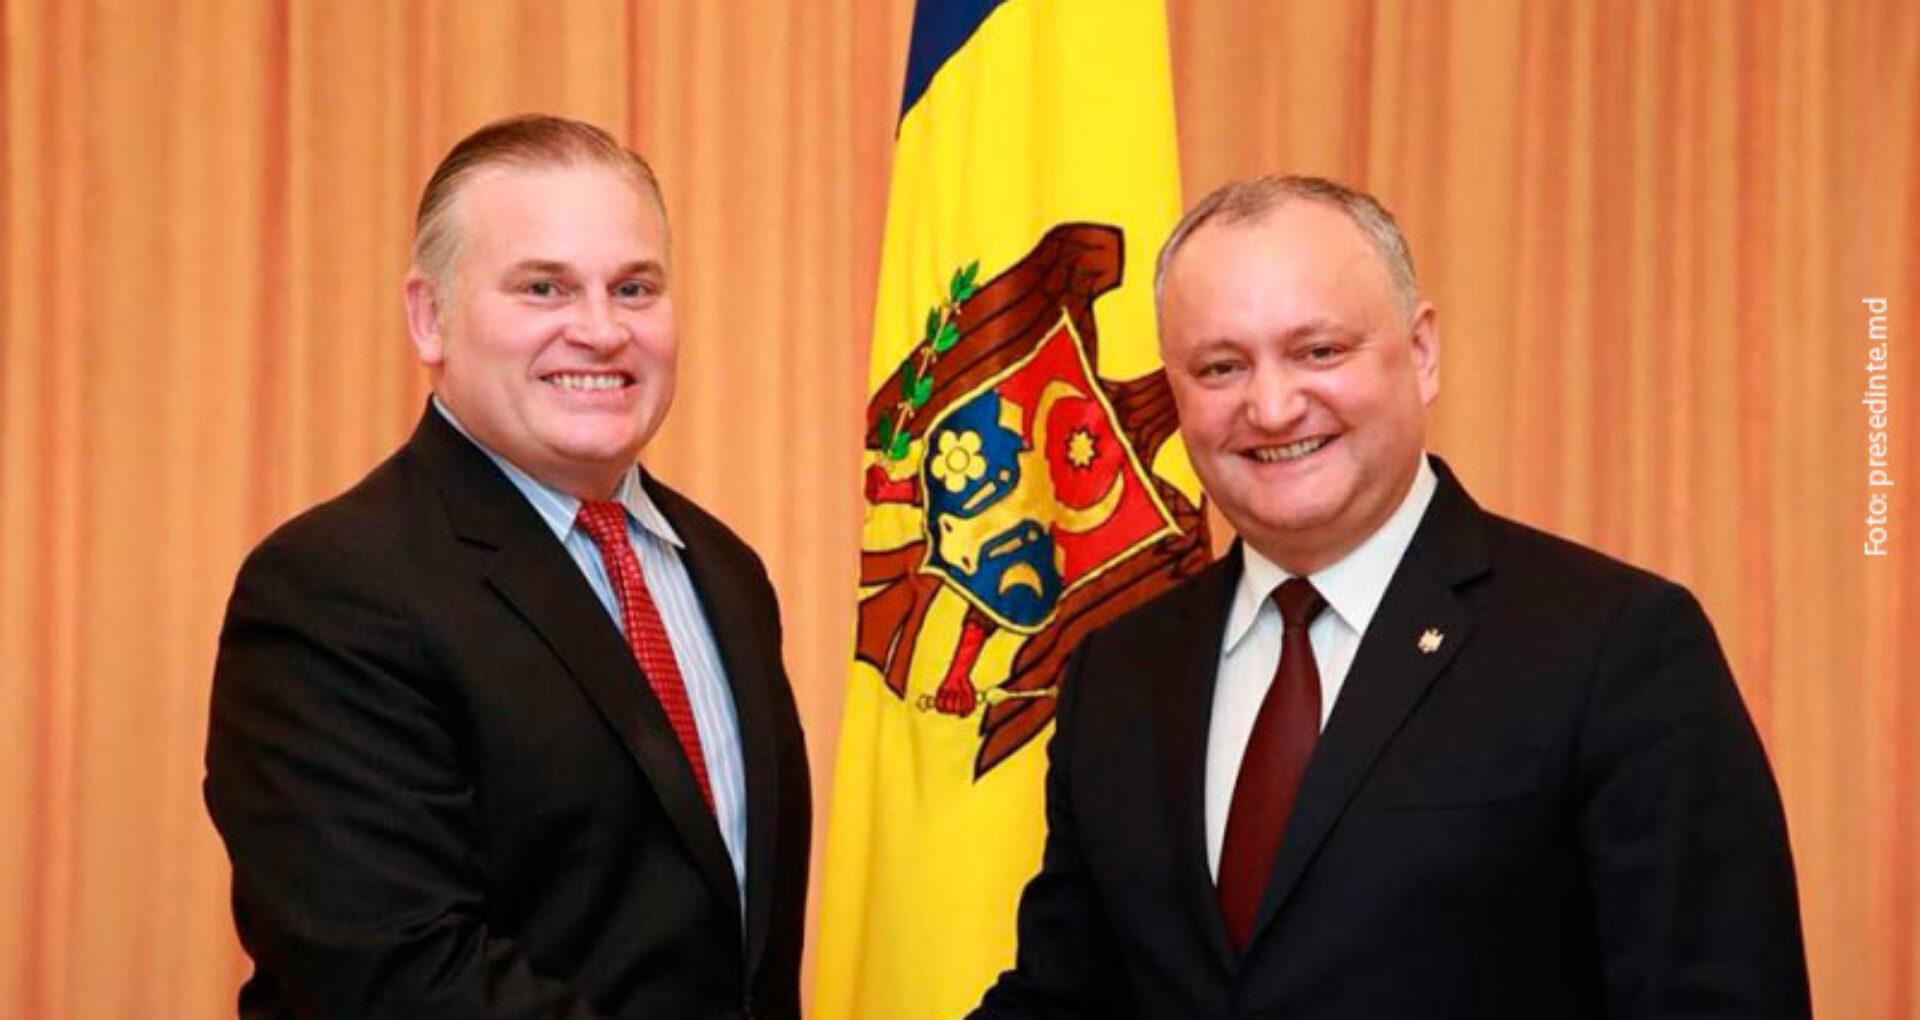 Congresul controverselor la Chişinău cu Dodon, patriarhul Kiril I şi un oligarh rus